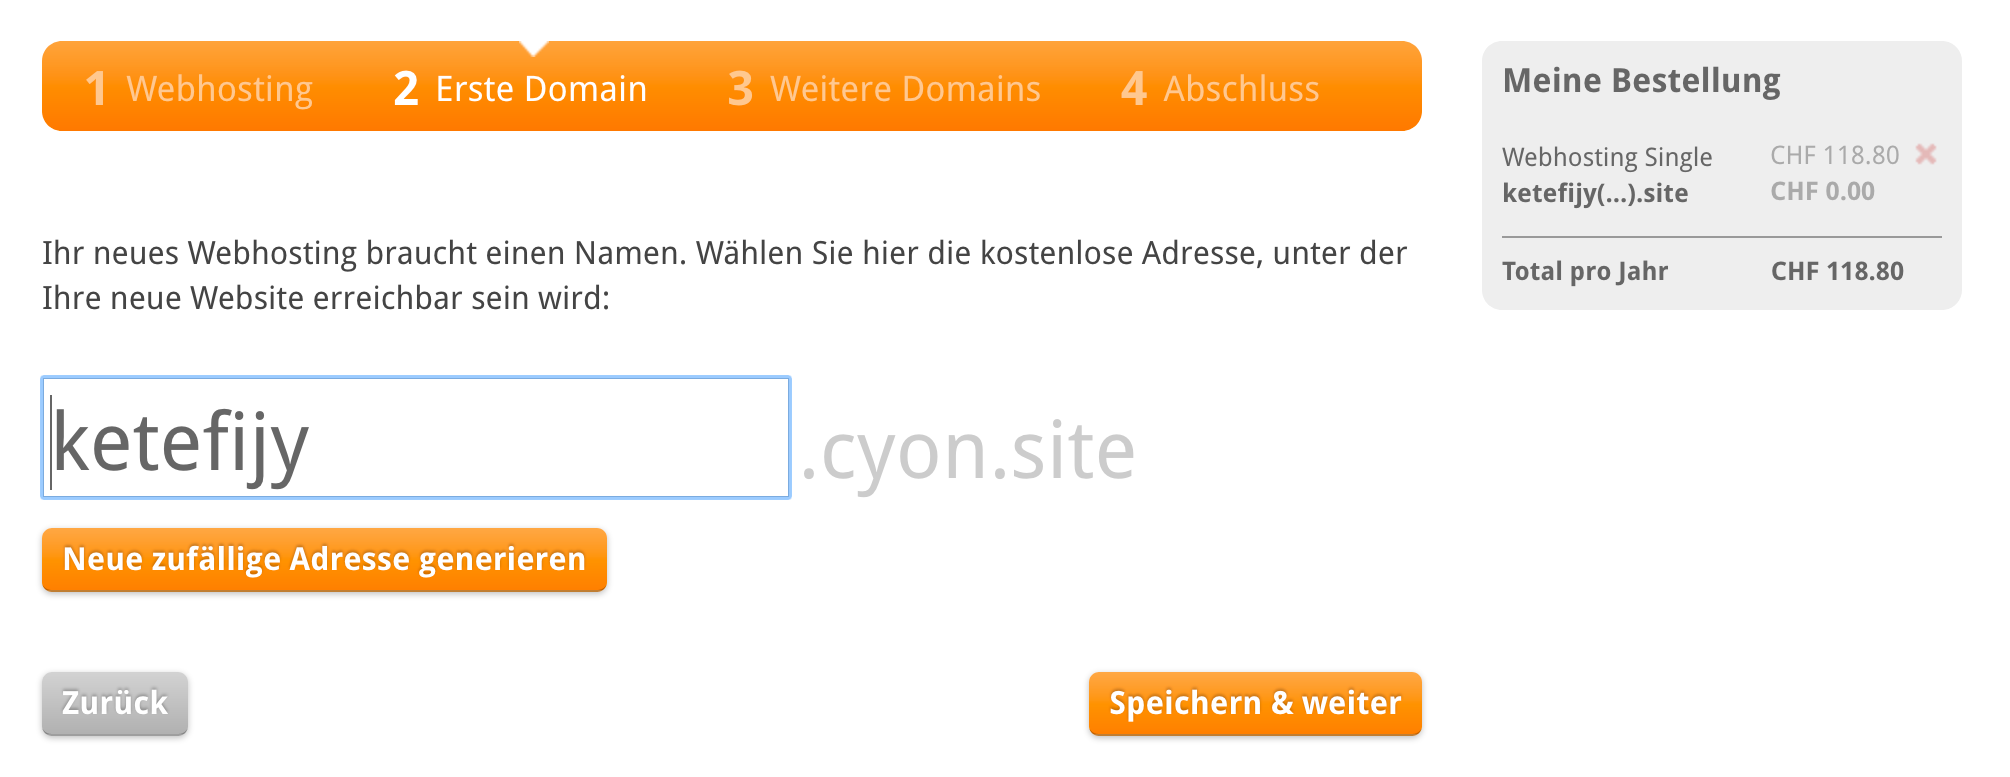 Zufällig generierter Name für dein Webhosting